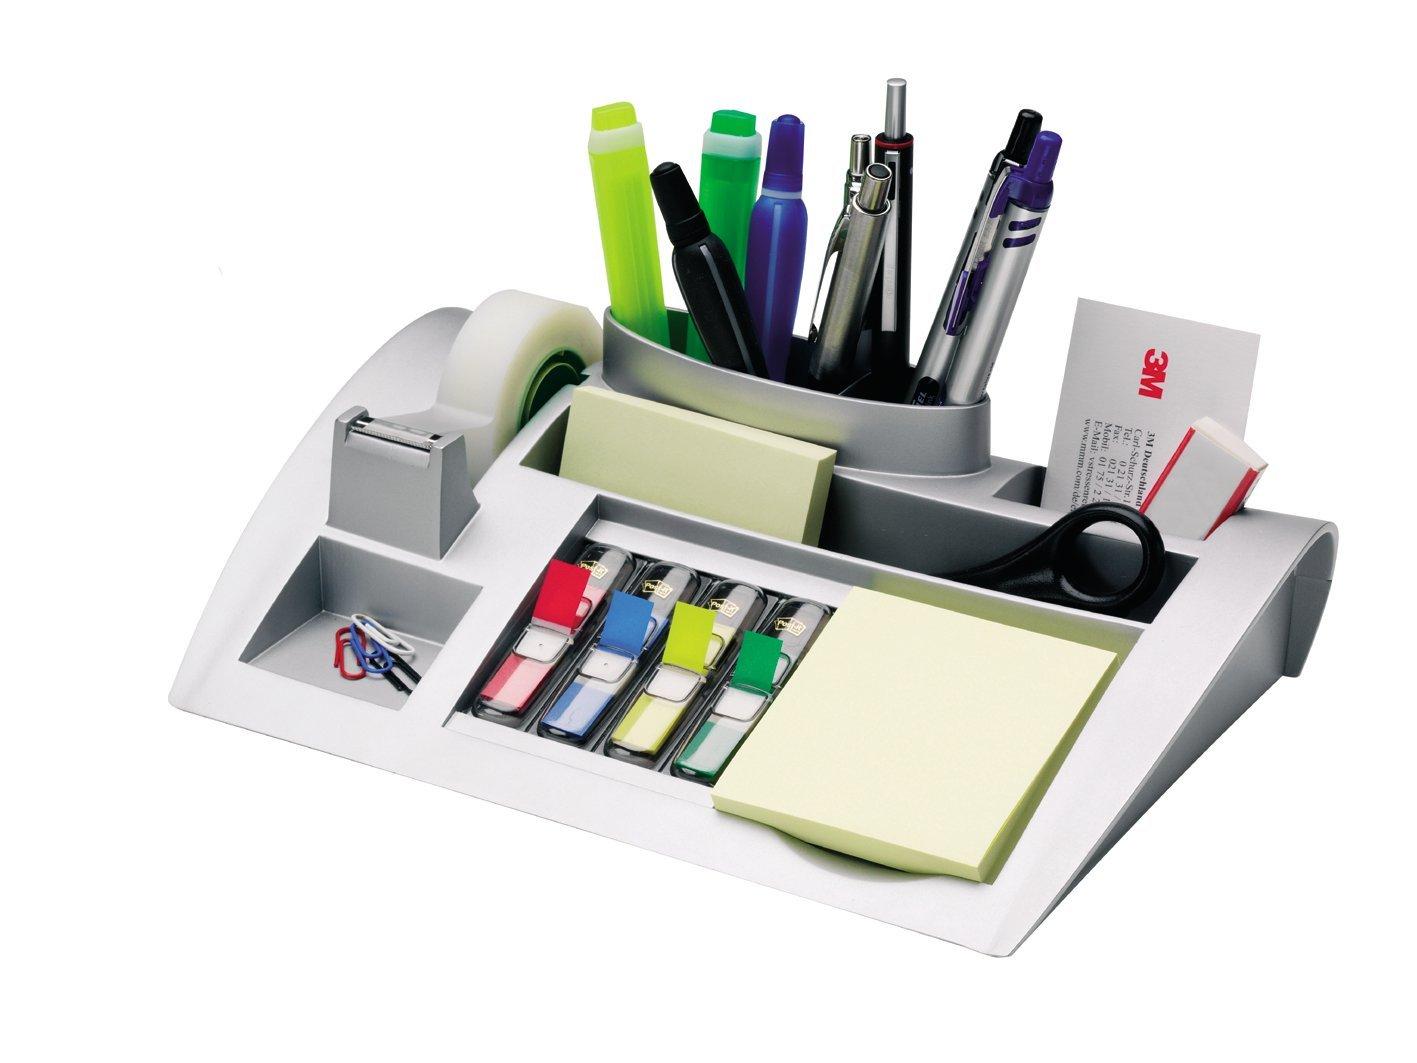 3M Post-it C50 - Organizador de escritorio – Incluye 1 bloc de notas, 4 x 35 Marcadores Index y 1 cinta adhesiva Scotch Magic – Dispensador de notas – Portalápices – color plateado product image